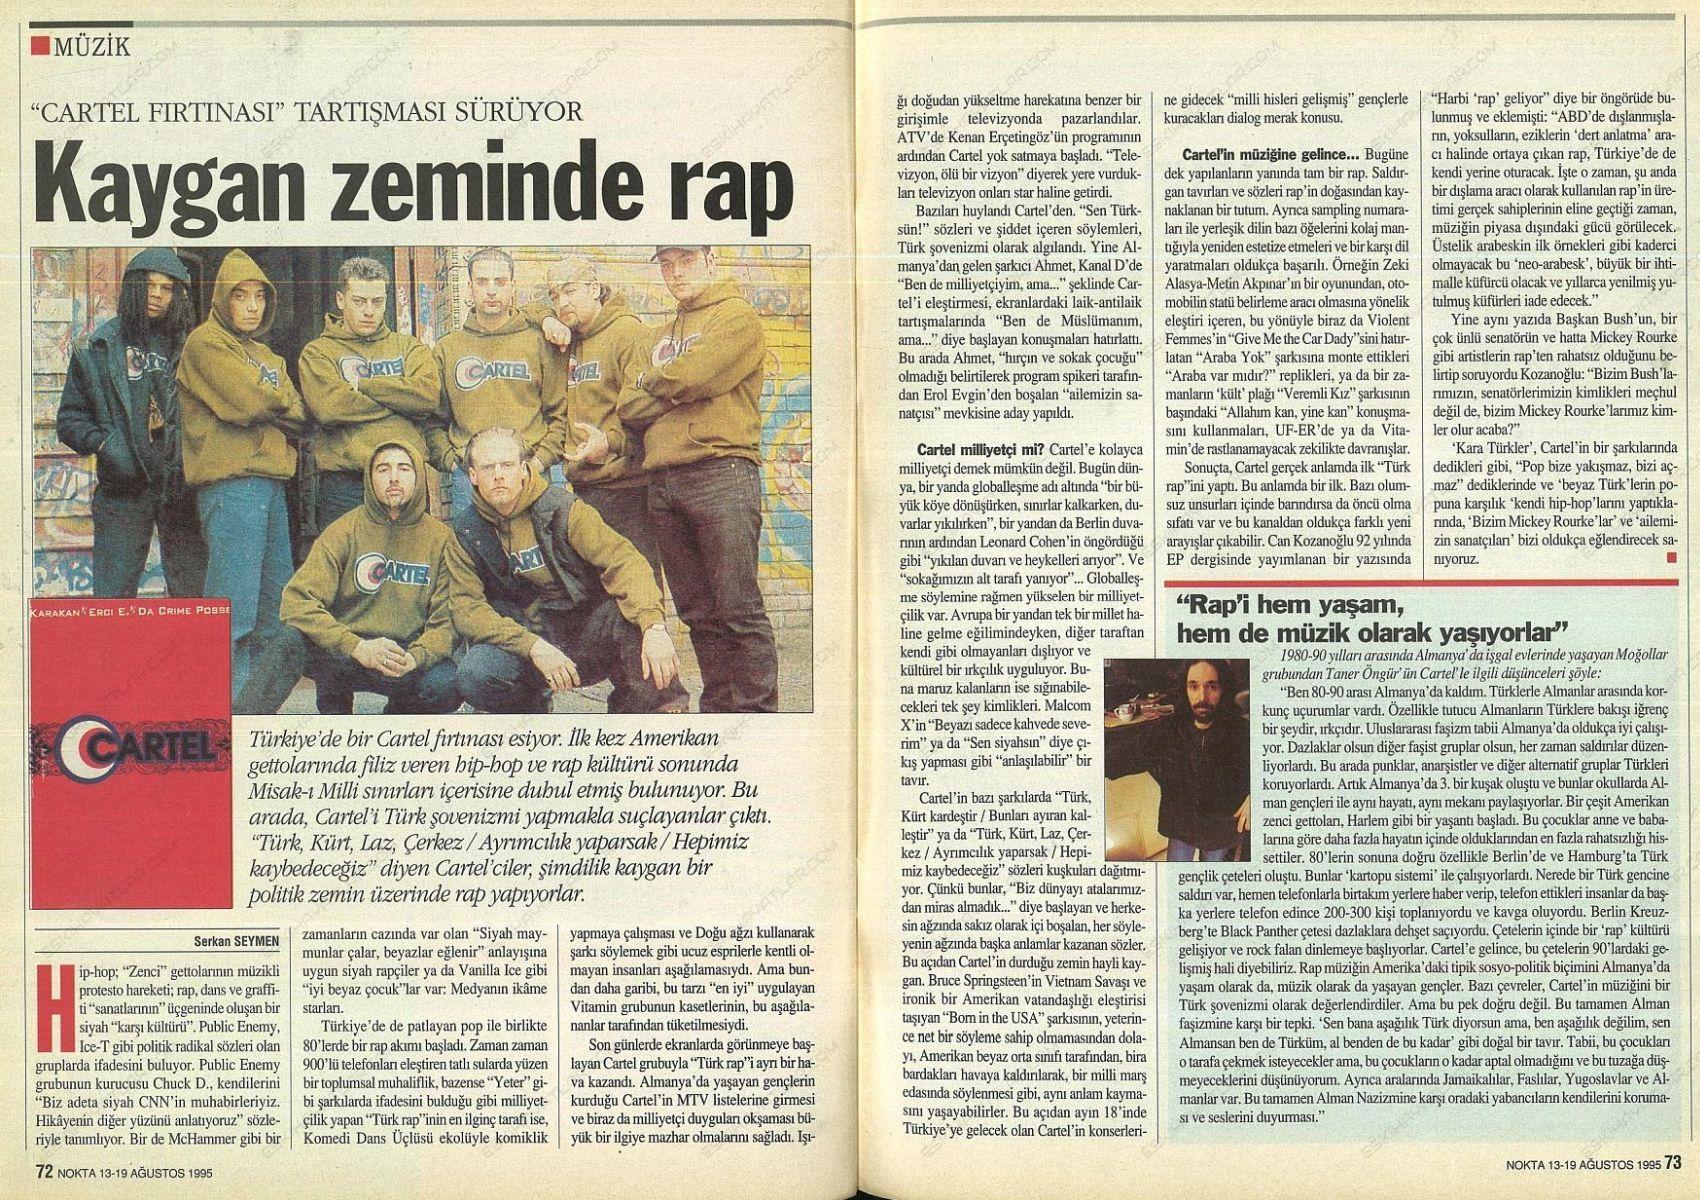 0326-cartel-grubu-1995-nokta-dergisi-doksanlarda-turkce-rap (1)